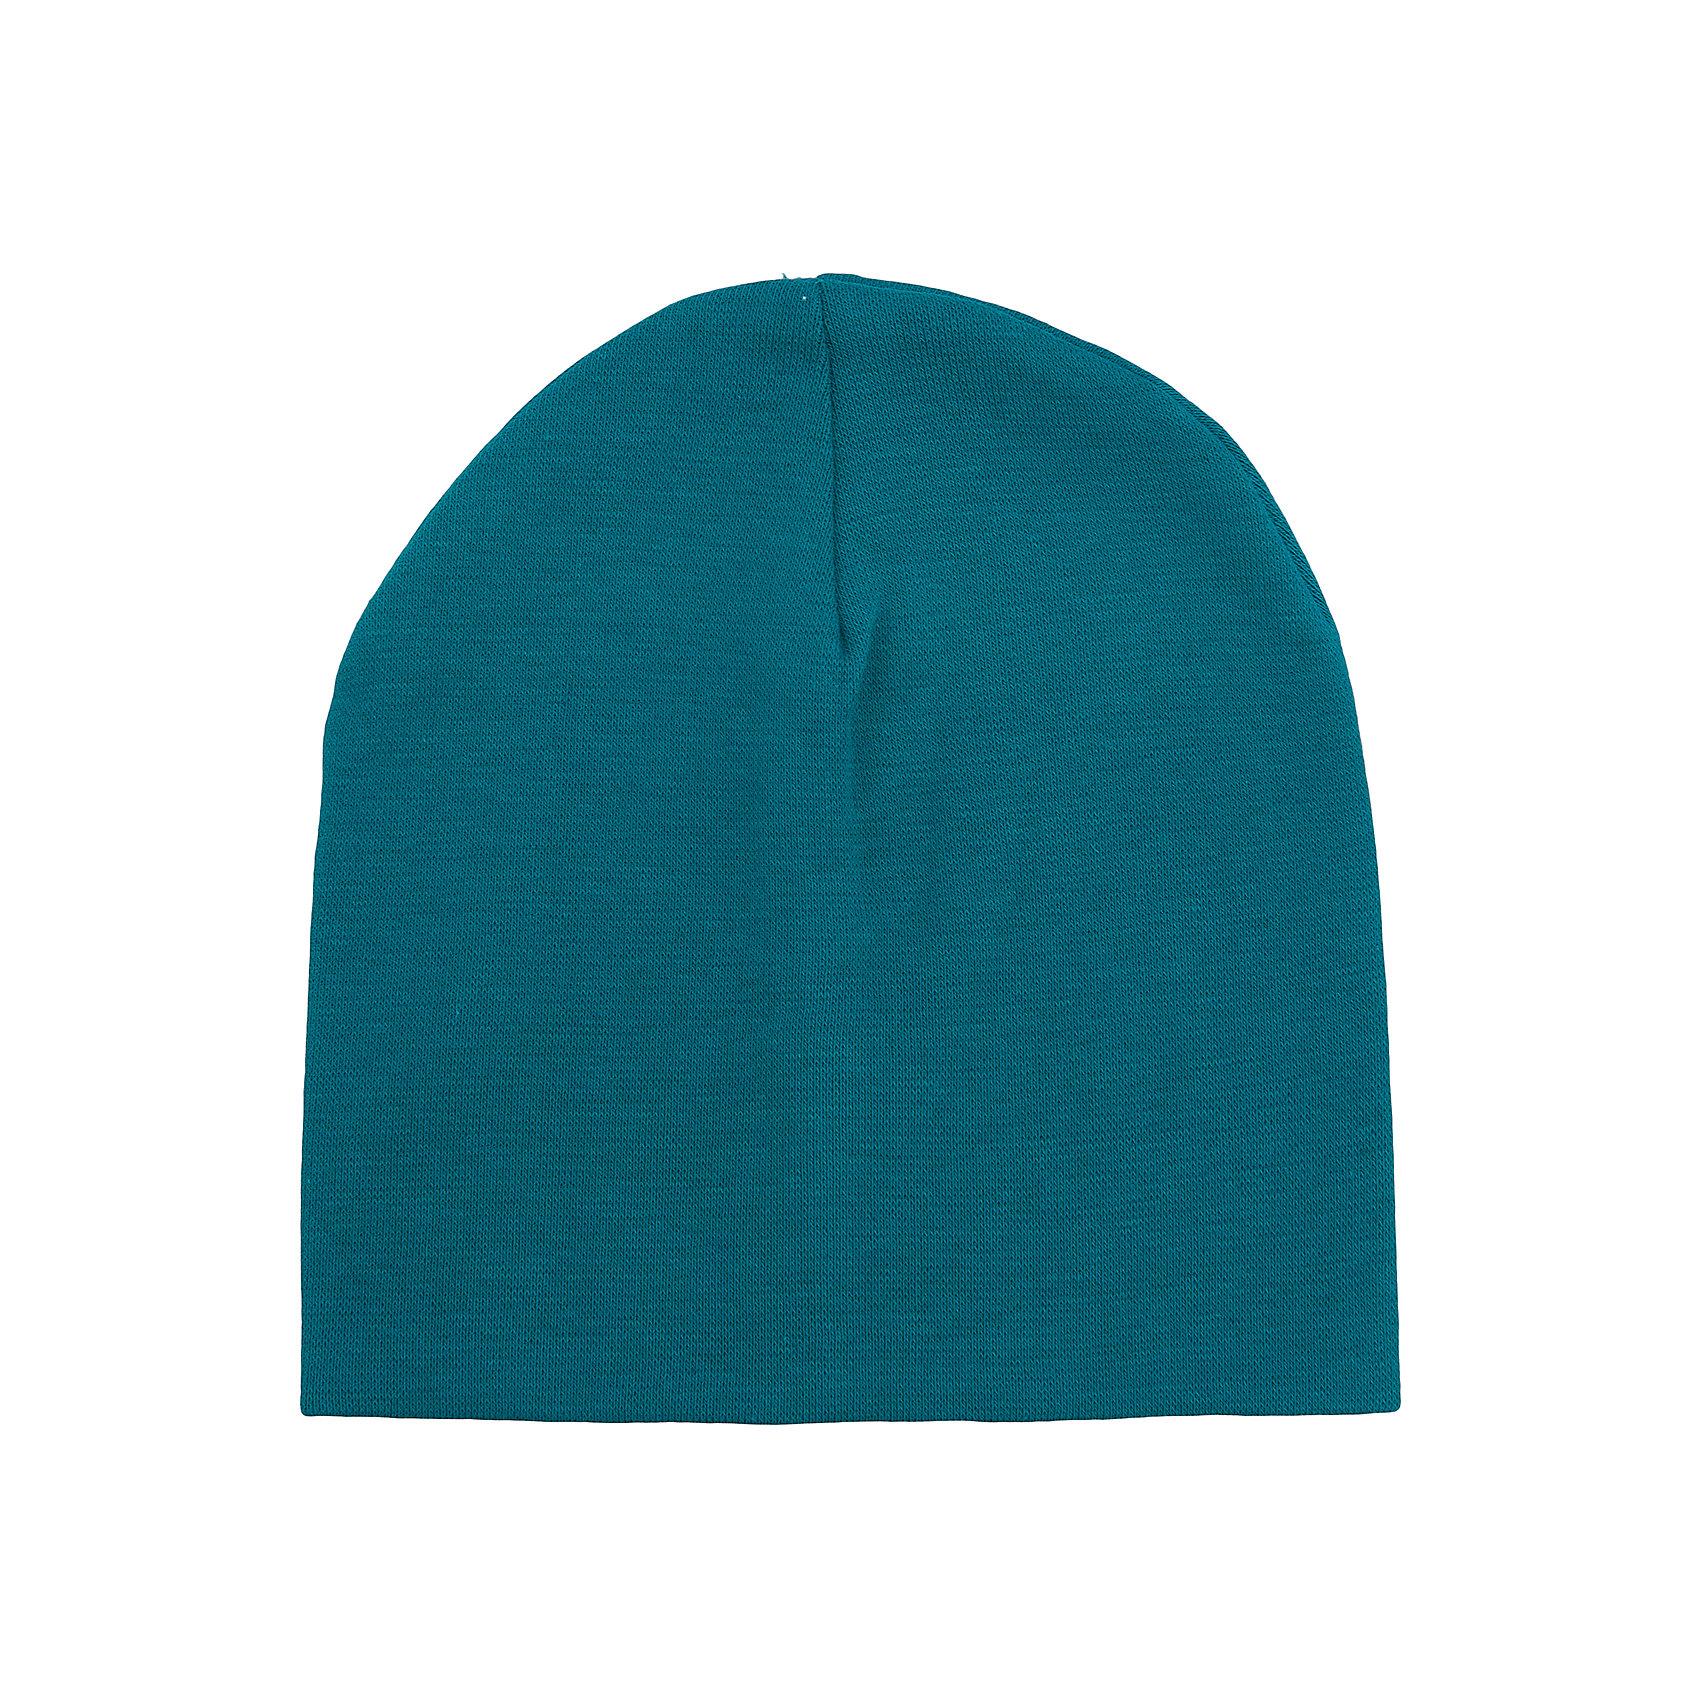 Шапка АпрельШапка от известного бренда Апрель.<br>Стильная детская шапочка выполнена из эластичного хлопкового полотна с добавлением лайкры. Изделие двухслойное, свободно облегает голову ребенка, обеспечивая комфорт в прохладную погоду. Рекомендуется машинная стирка при температуре 40 градусов без предварительного замачивания.<br>Состав:<br>хлопок 95% + лайкра 5%<br><br>Ширина мм: 89<br>Глубина мм: 117<br>Высота мм: 44<br>Вес г: 155<br>Цвет: голубой<br>Возраст от месяцев: 6<br>Возраст до месяцев: 18<br>Пол: Унисекс<br>Возраст: Детский<br>Размер: 48,52,50<br>SKU: 5006969